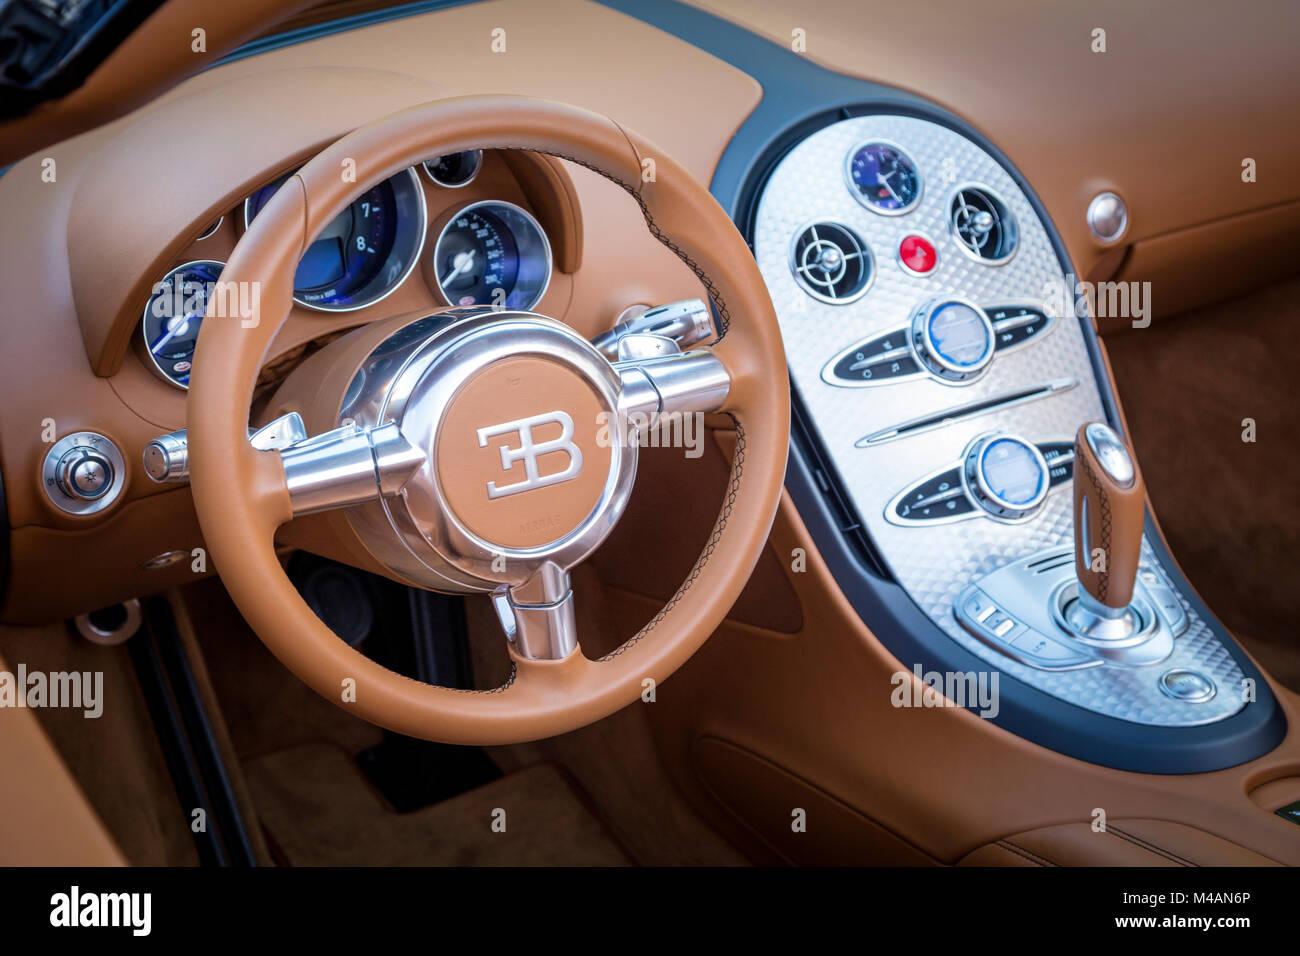 2012 bugatti veyron grandsport 16 4 eine. Black Bedroom Furniture Sets. Home Design Ideas